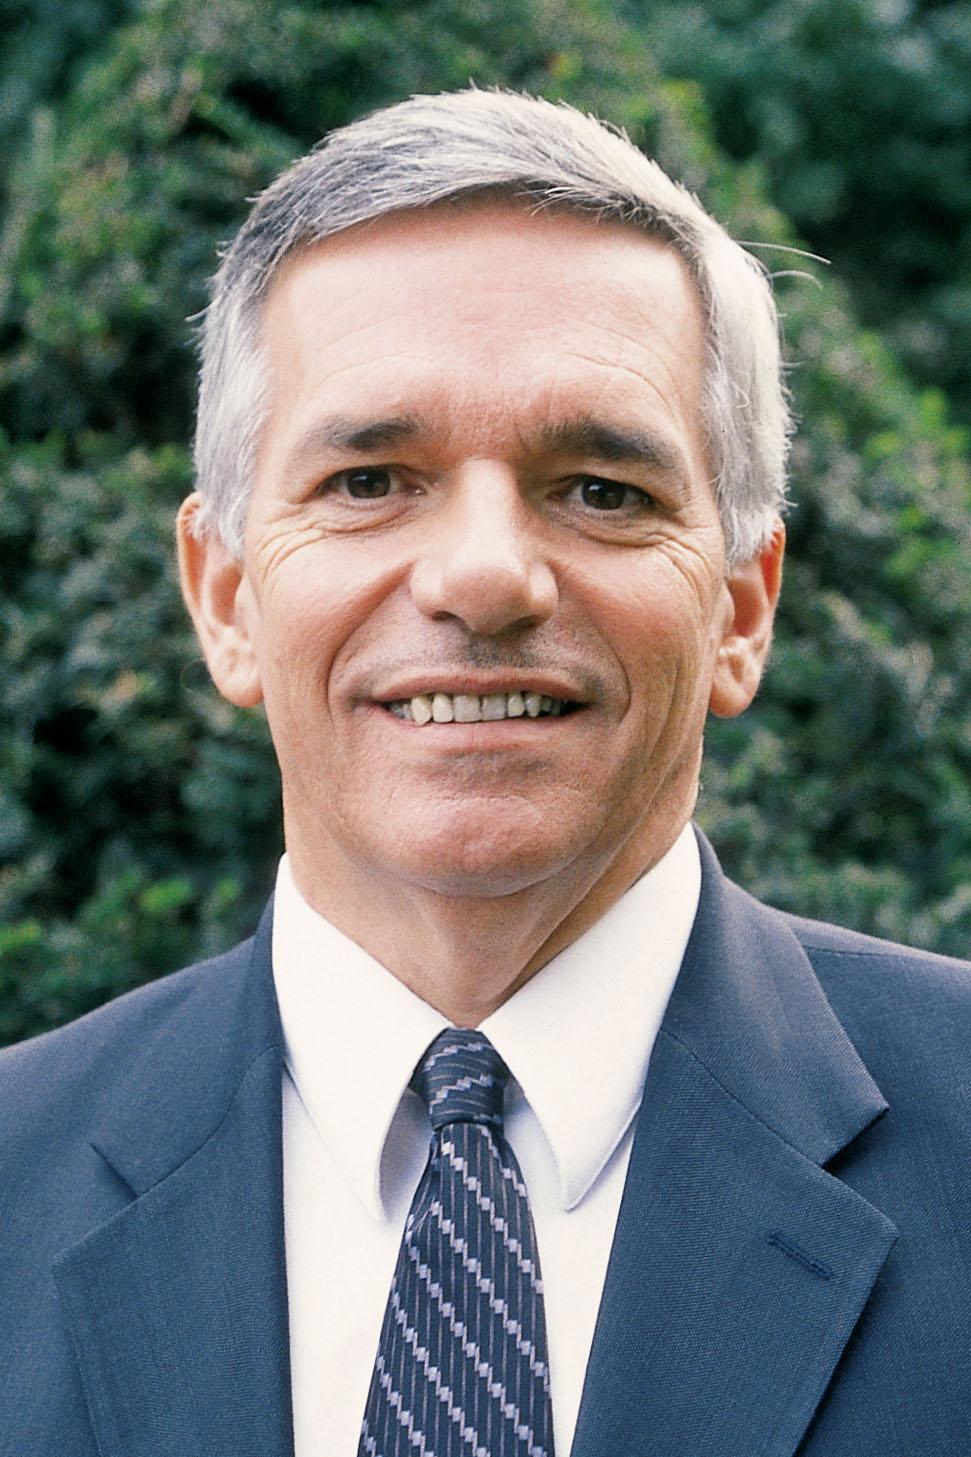 Rev. Randy Day